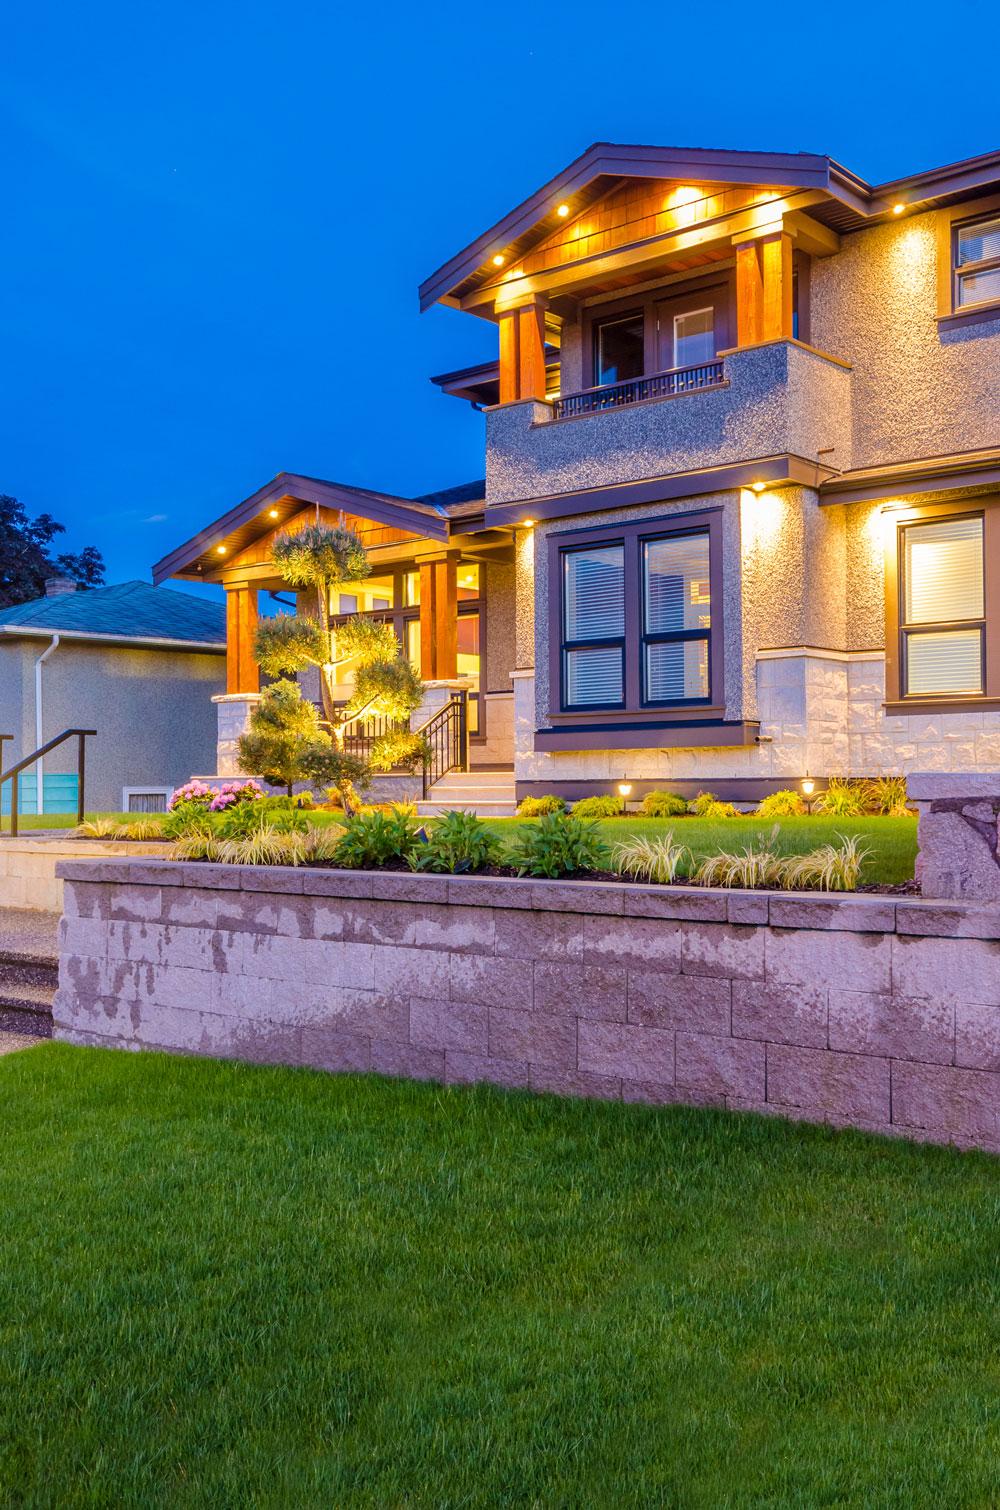 Outdoor lighting in home